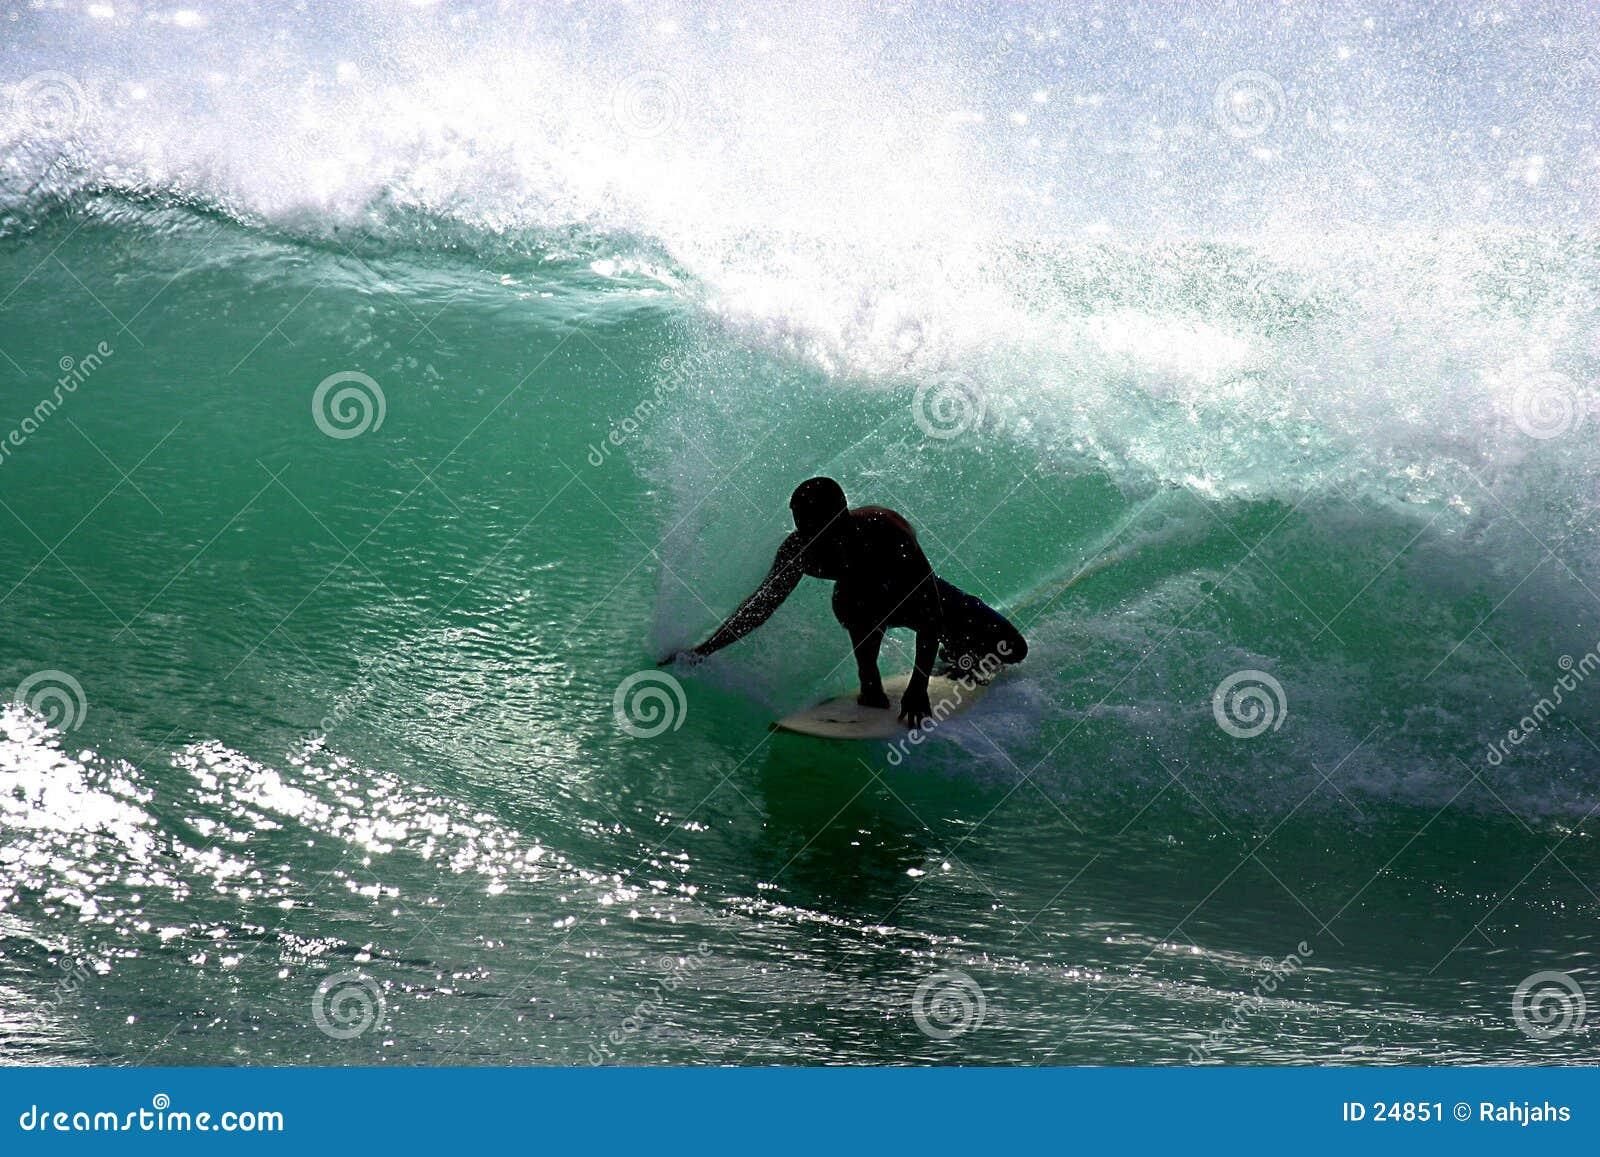 Southshore surfer